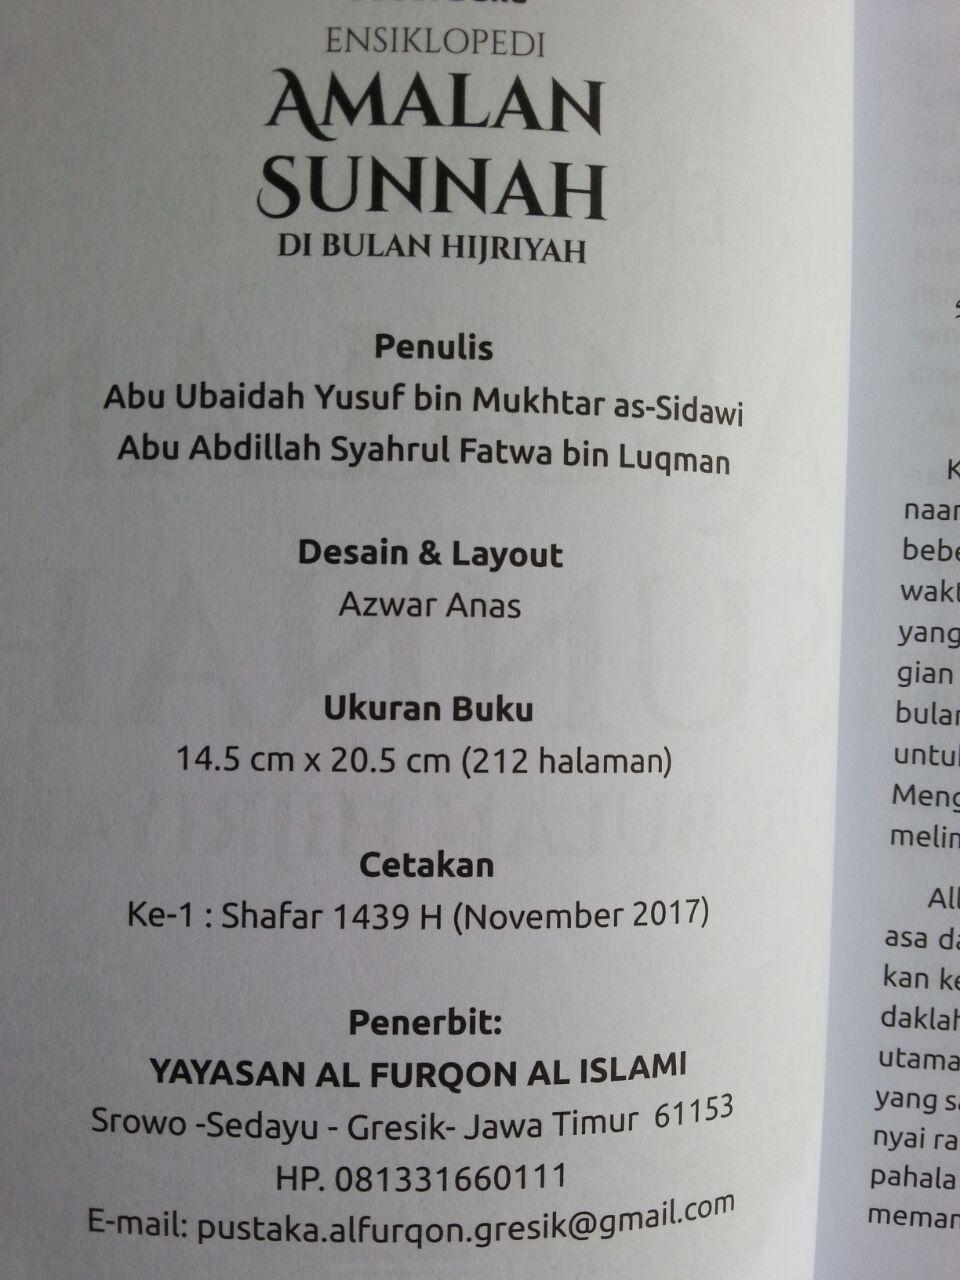 Buku Ensiklopedi Amalan Sunnah Di Bulan Hijriah isi